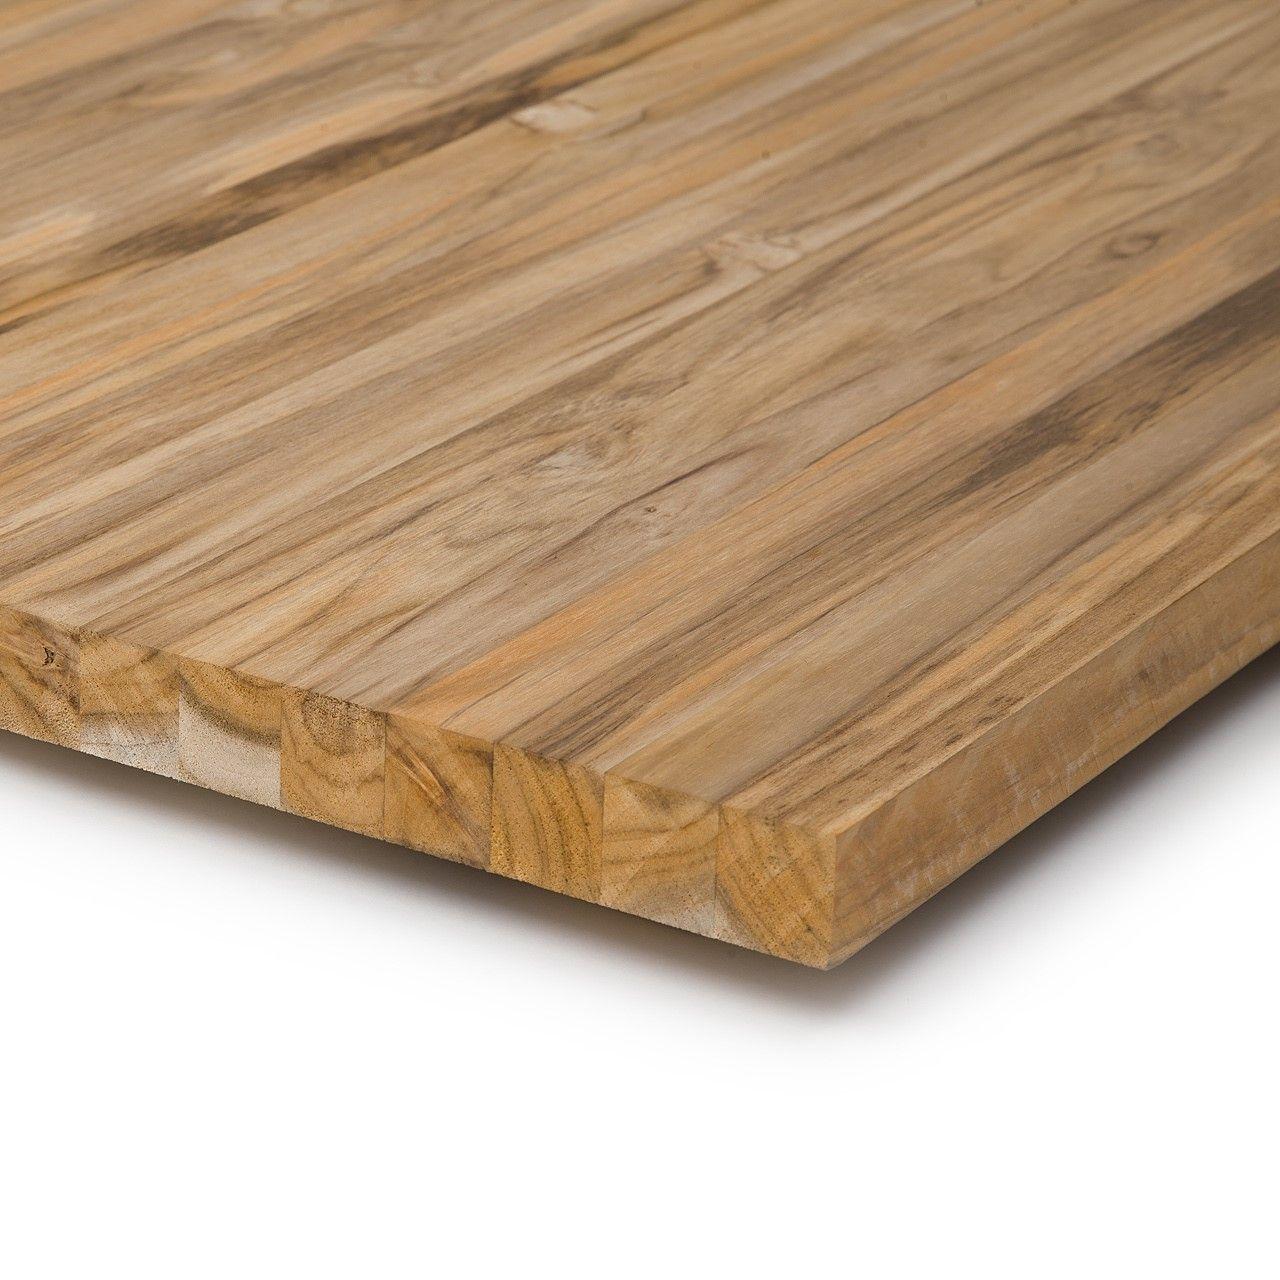 tischplatte teakholz kaufen 34mm st rke arbeitsplatte. Black Bedroom Furniture Sets. Home Design Ideas